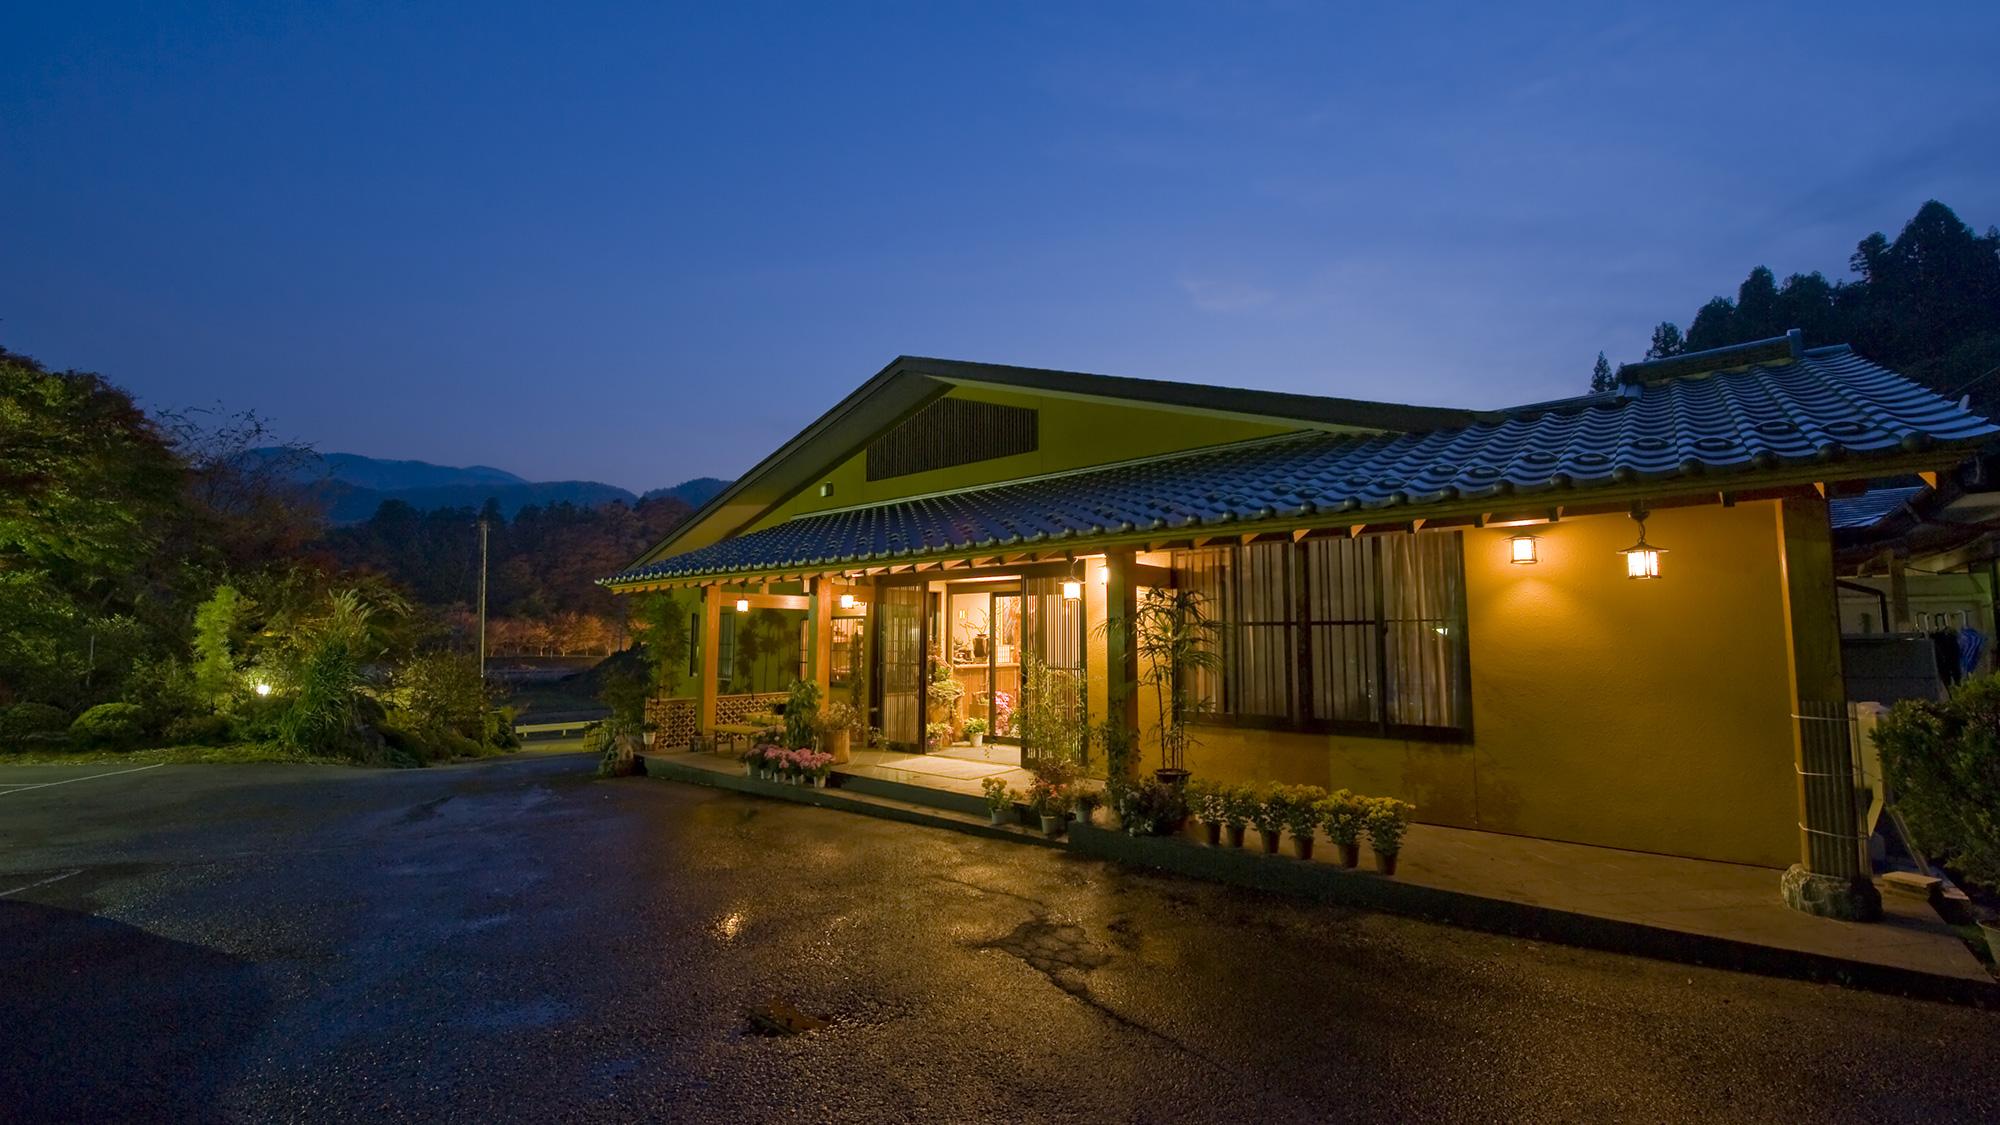 塩原温泉で綺麗な宿に泊まりたい!